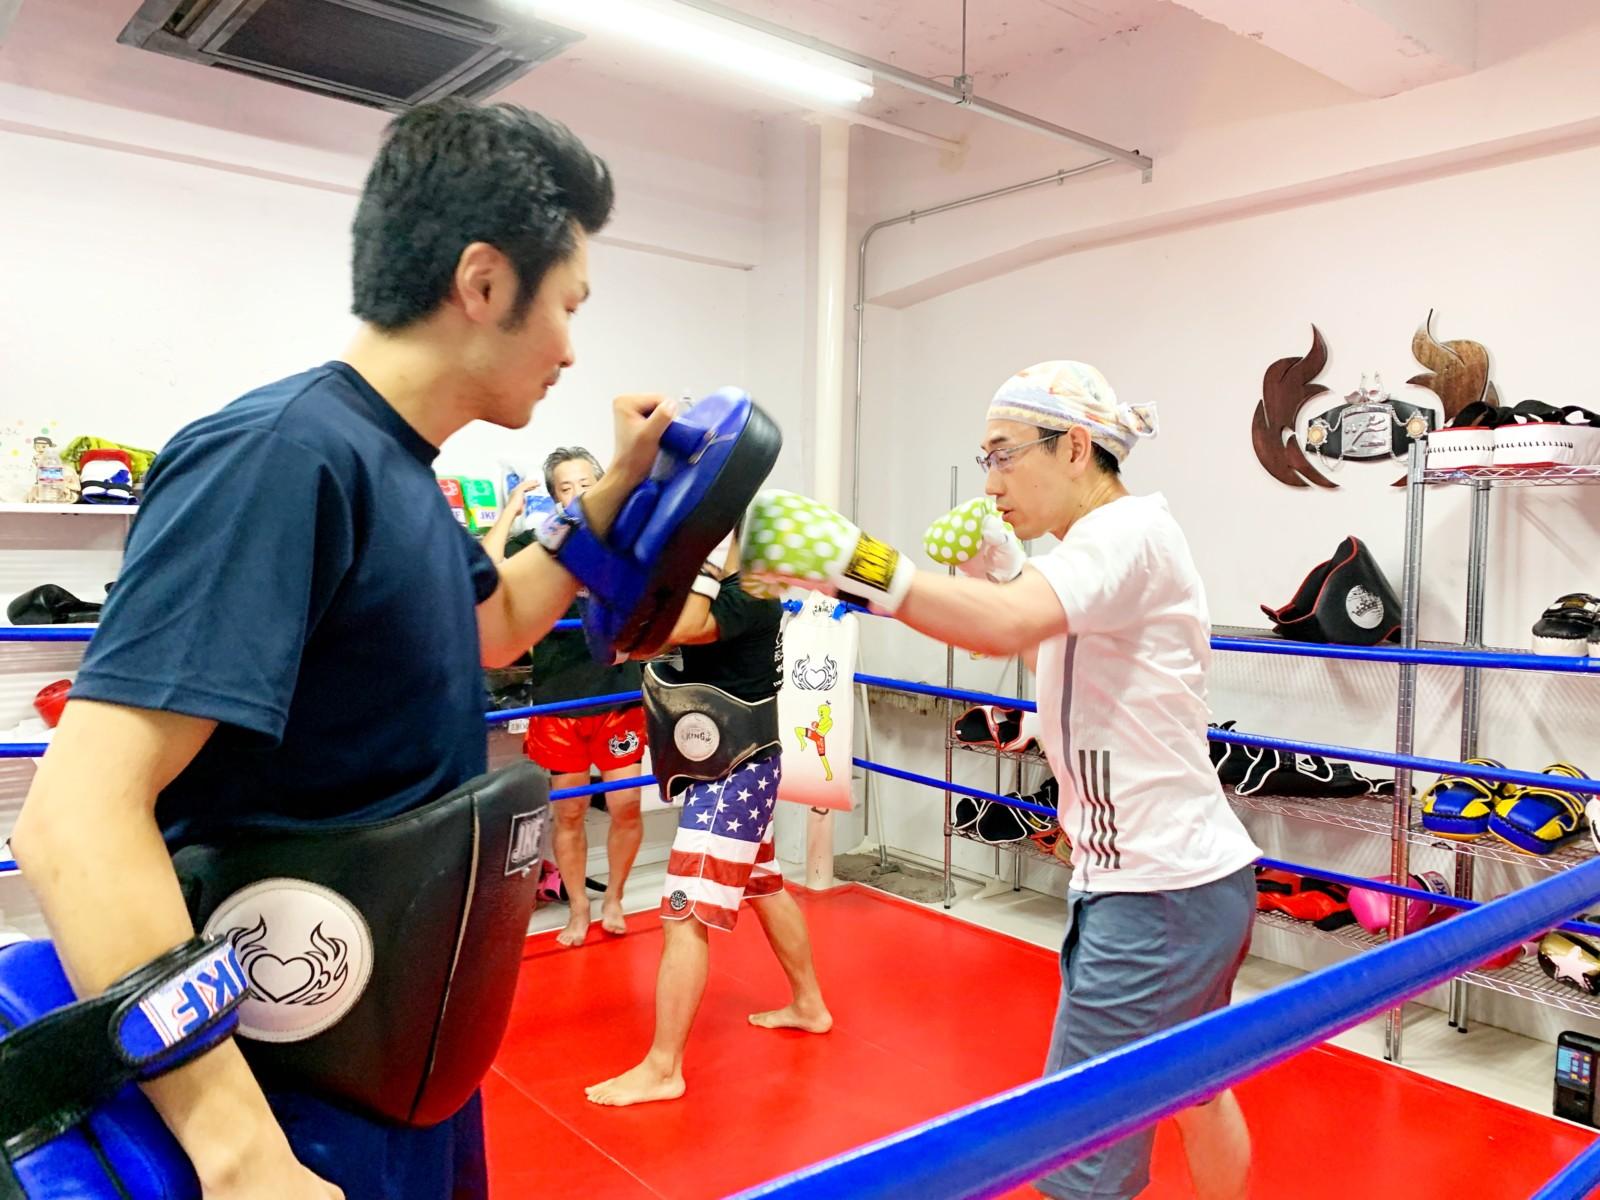 名古屋JKF キックボクシングフィットネスジム-JKF流持ち合いミットの心がけ。大切なのは「恐怖を乗り越える勇気」